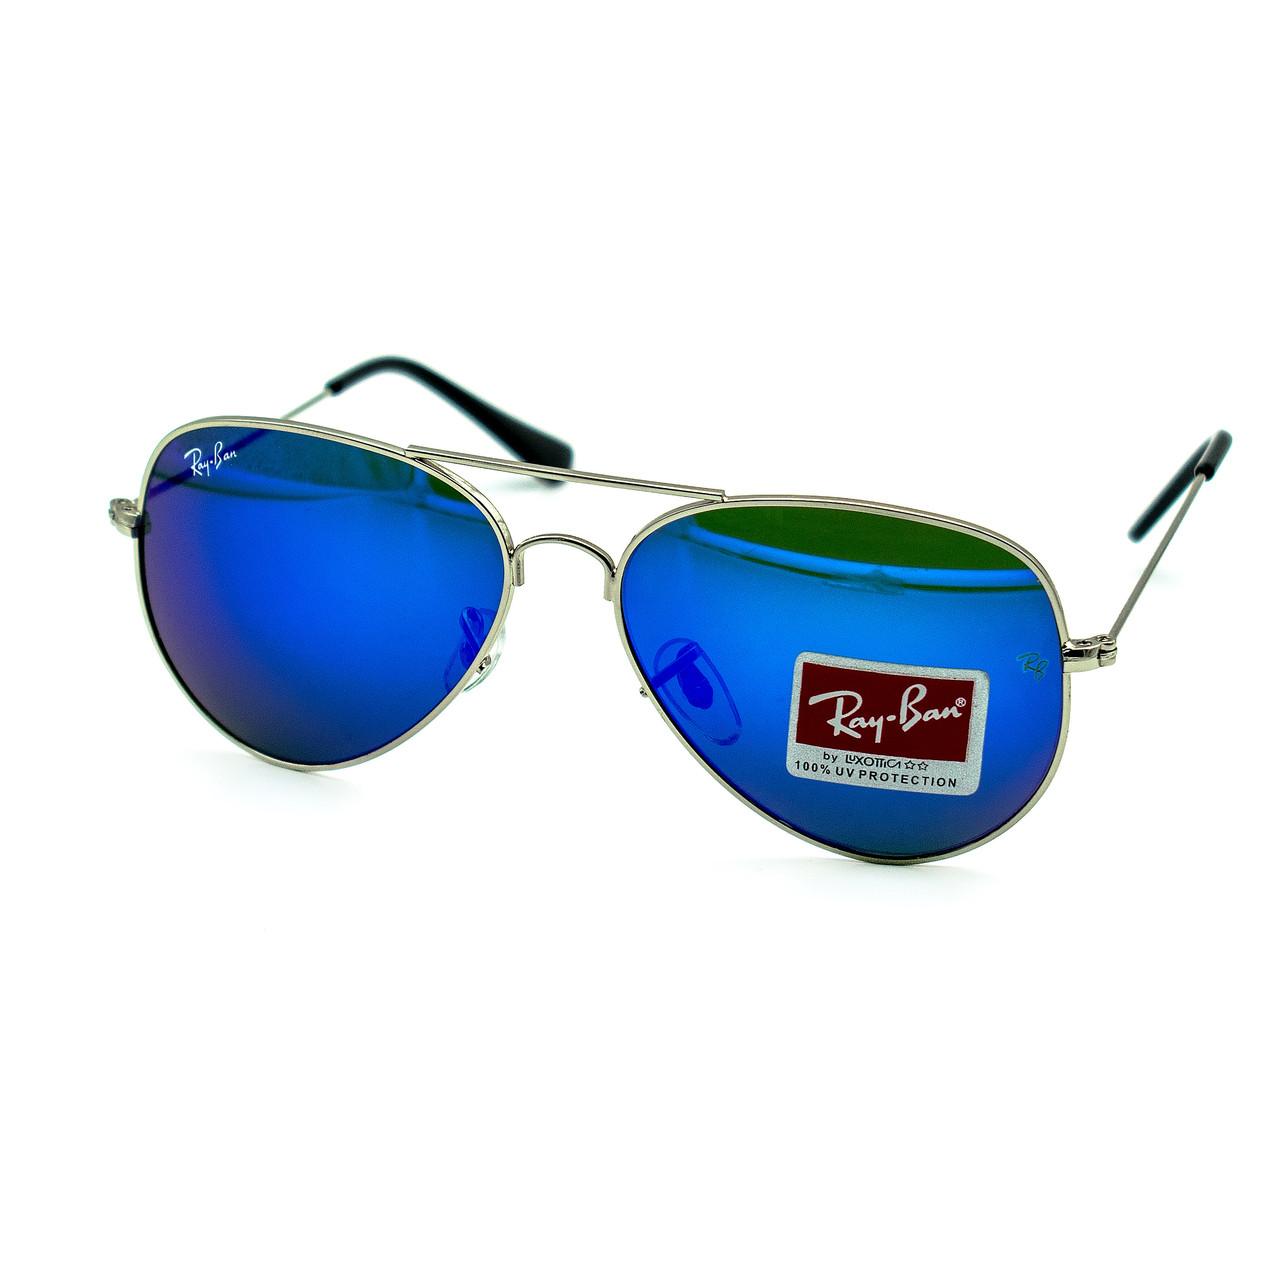 Очки Ray Ban Aviator синие + серебро (replica)